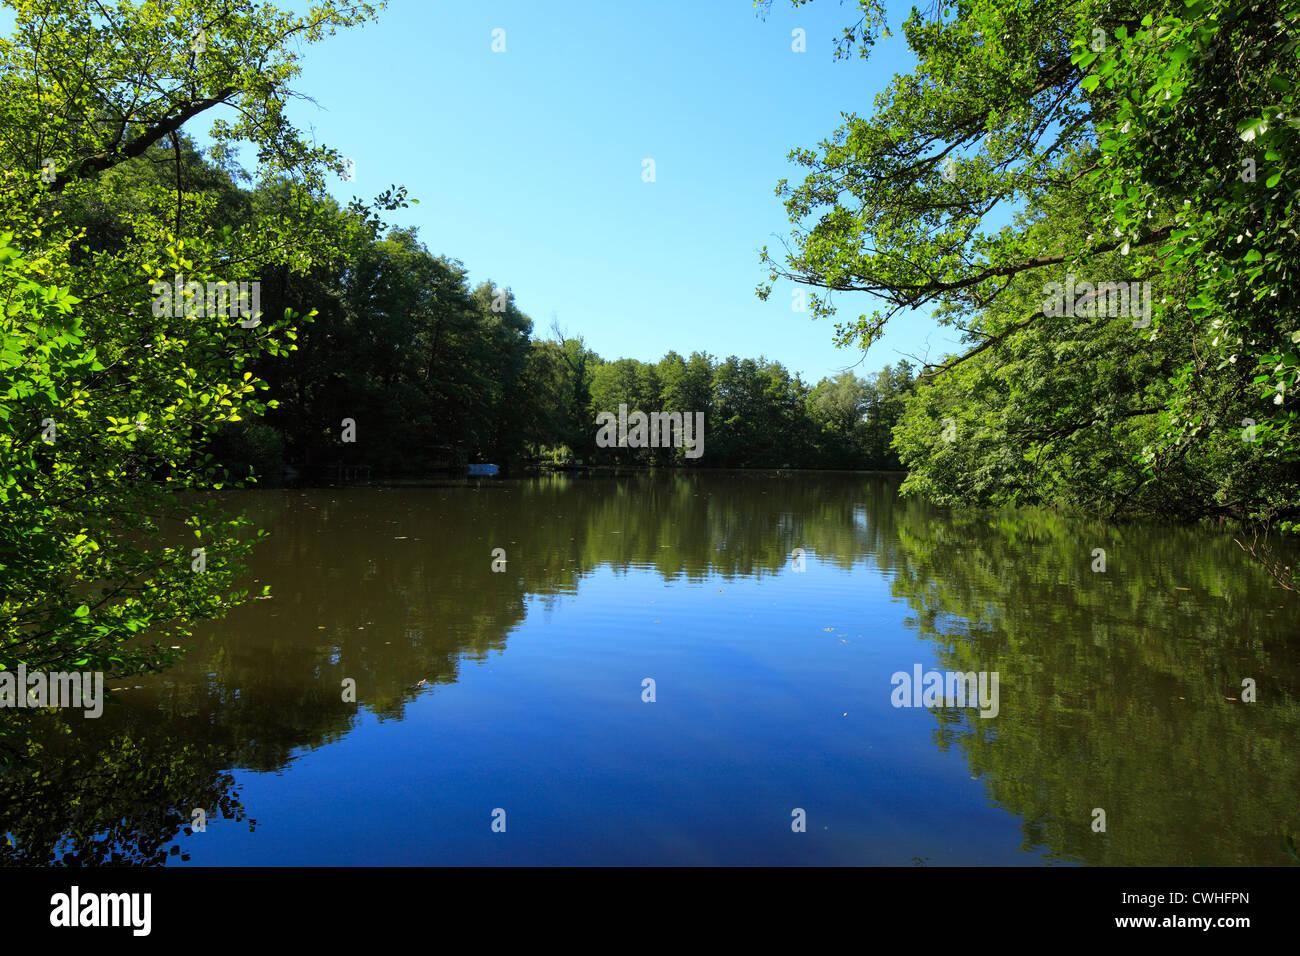 Naturschutzgebiet Niepkuhlen, Krefeld und Neukirchen-Vluyn, Niederrhein, Nordrhein-Westfalen - Stock Image